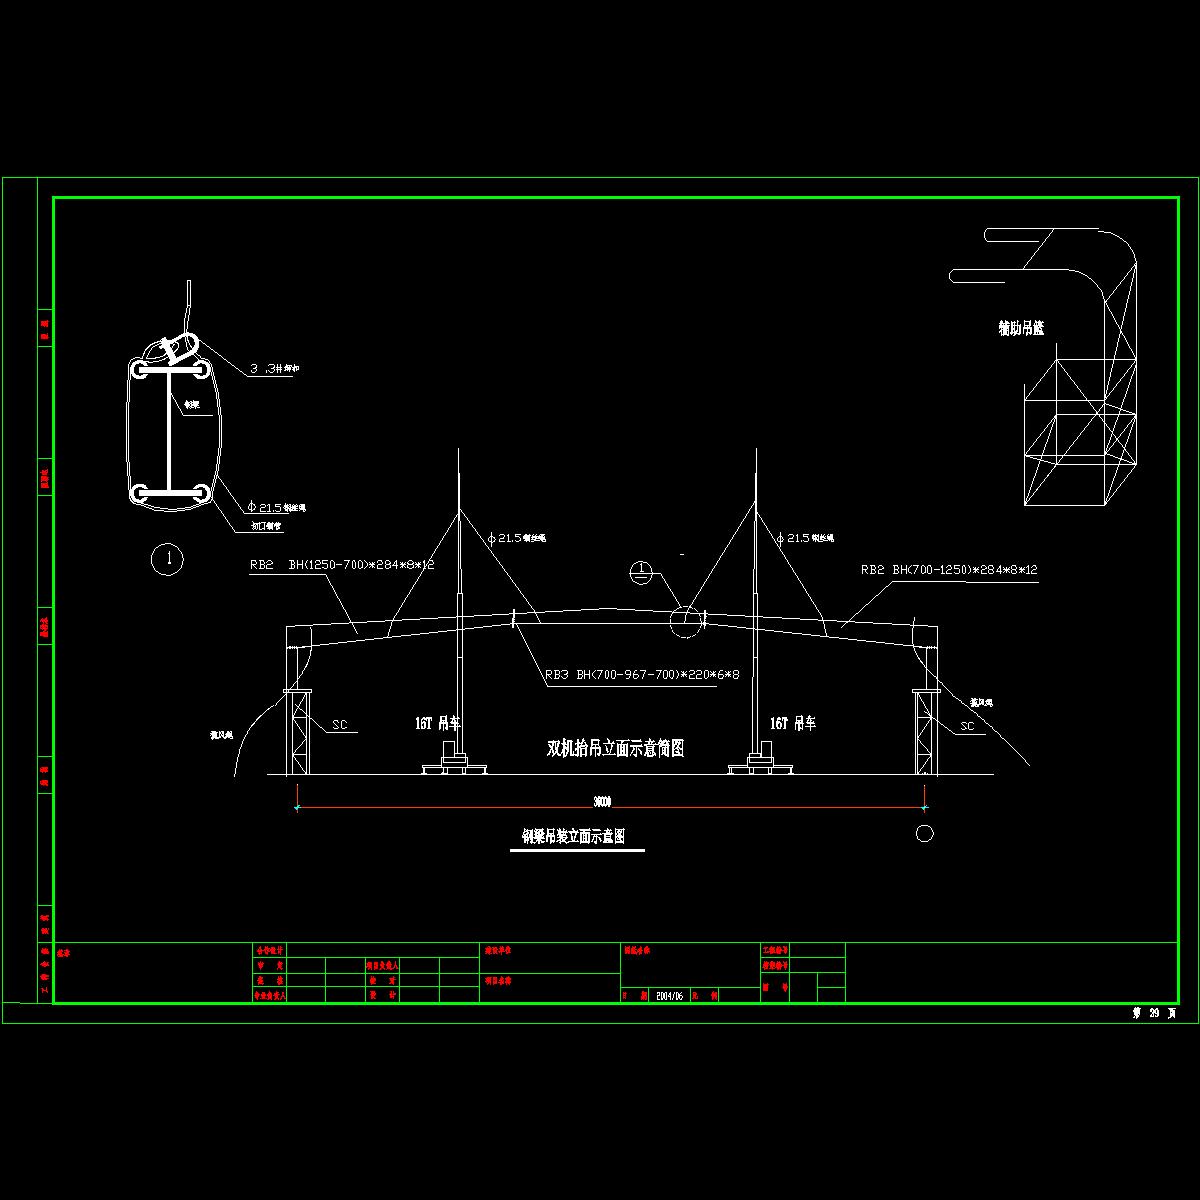 4.钢梁吊装示意图.dwg